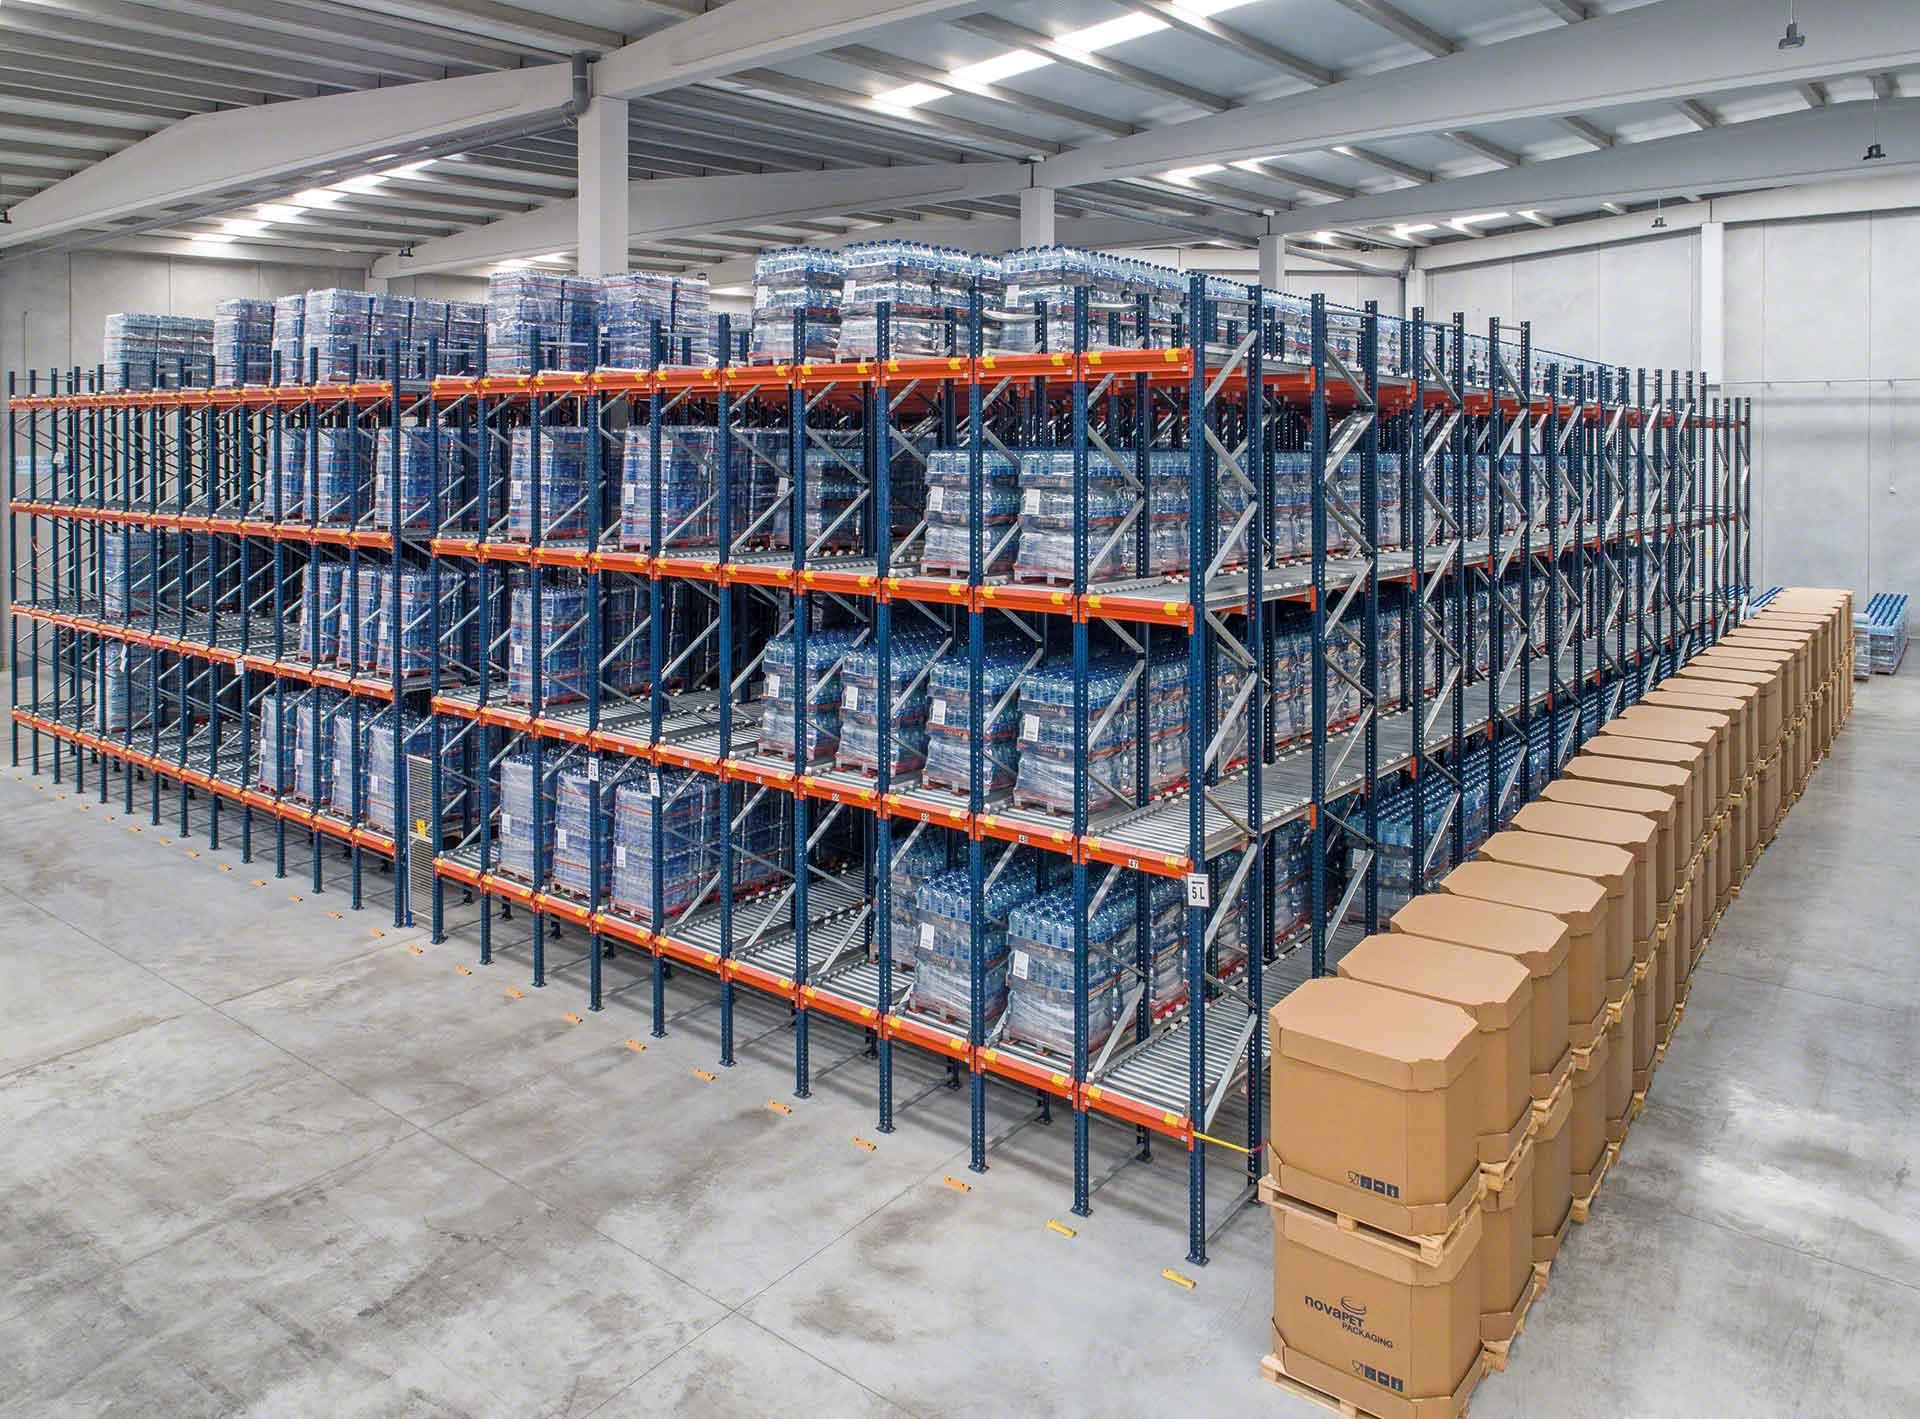 Almacén equipado con sistemas de almacenamiento dinámico de rodillos